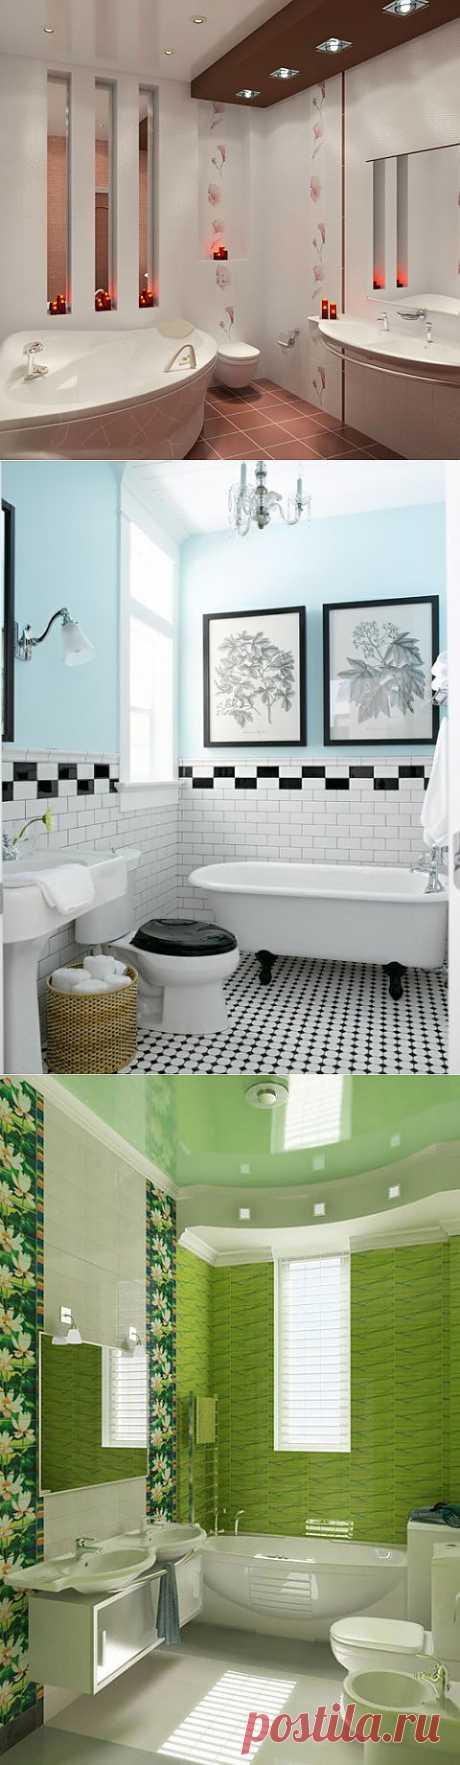 Примеры интерьеров маленьких ванных комнат | МОЯ КВАРТИРА